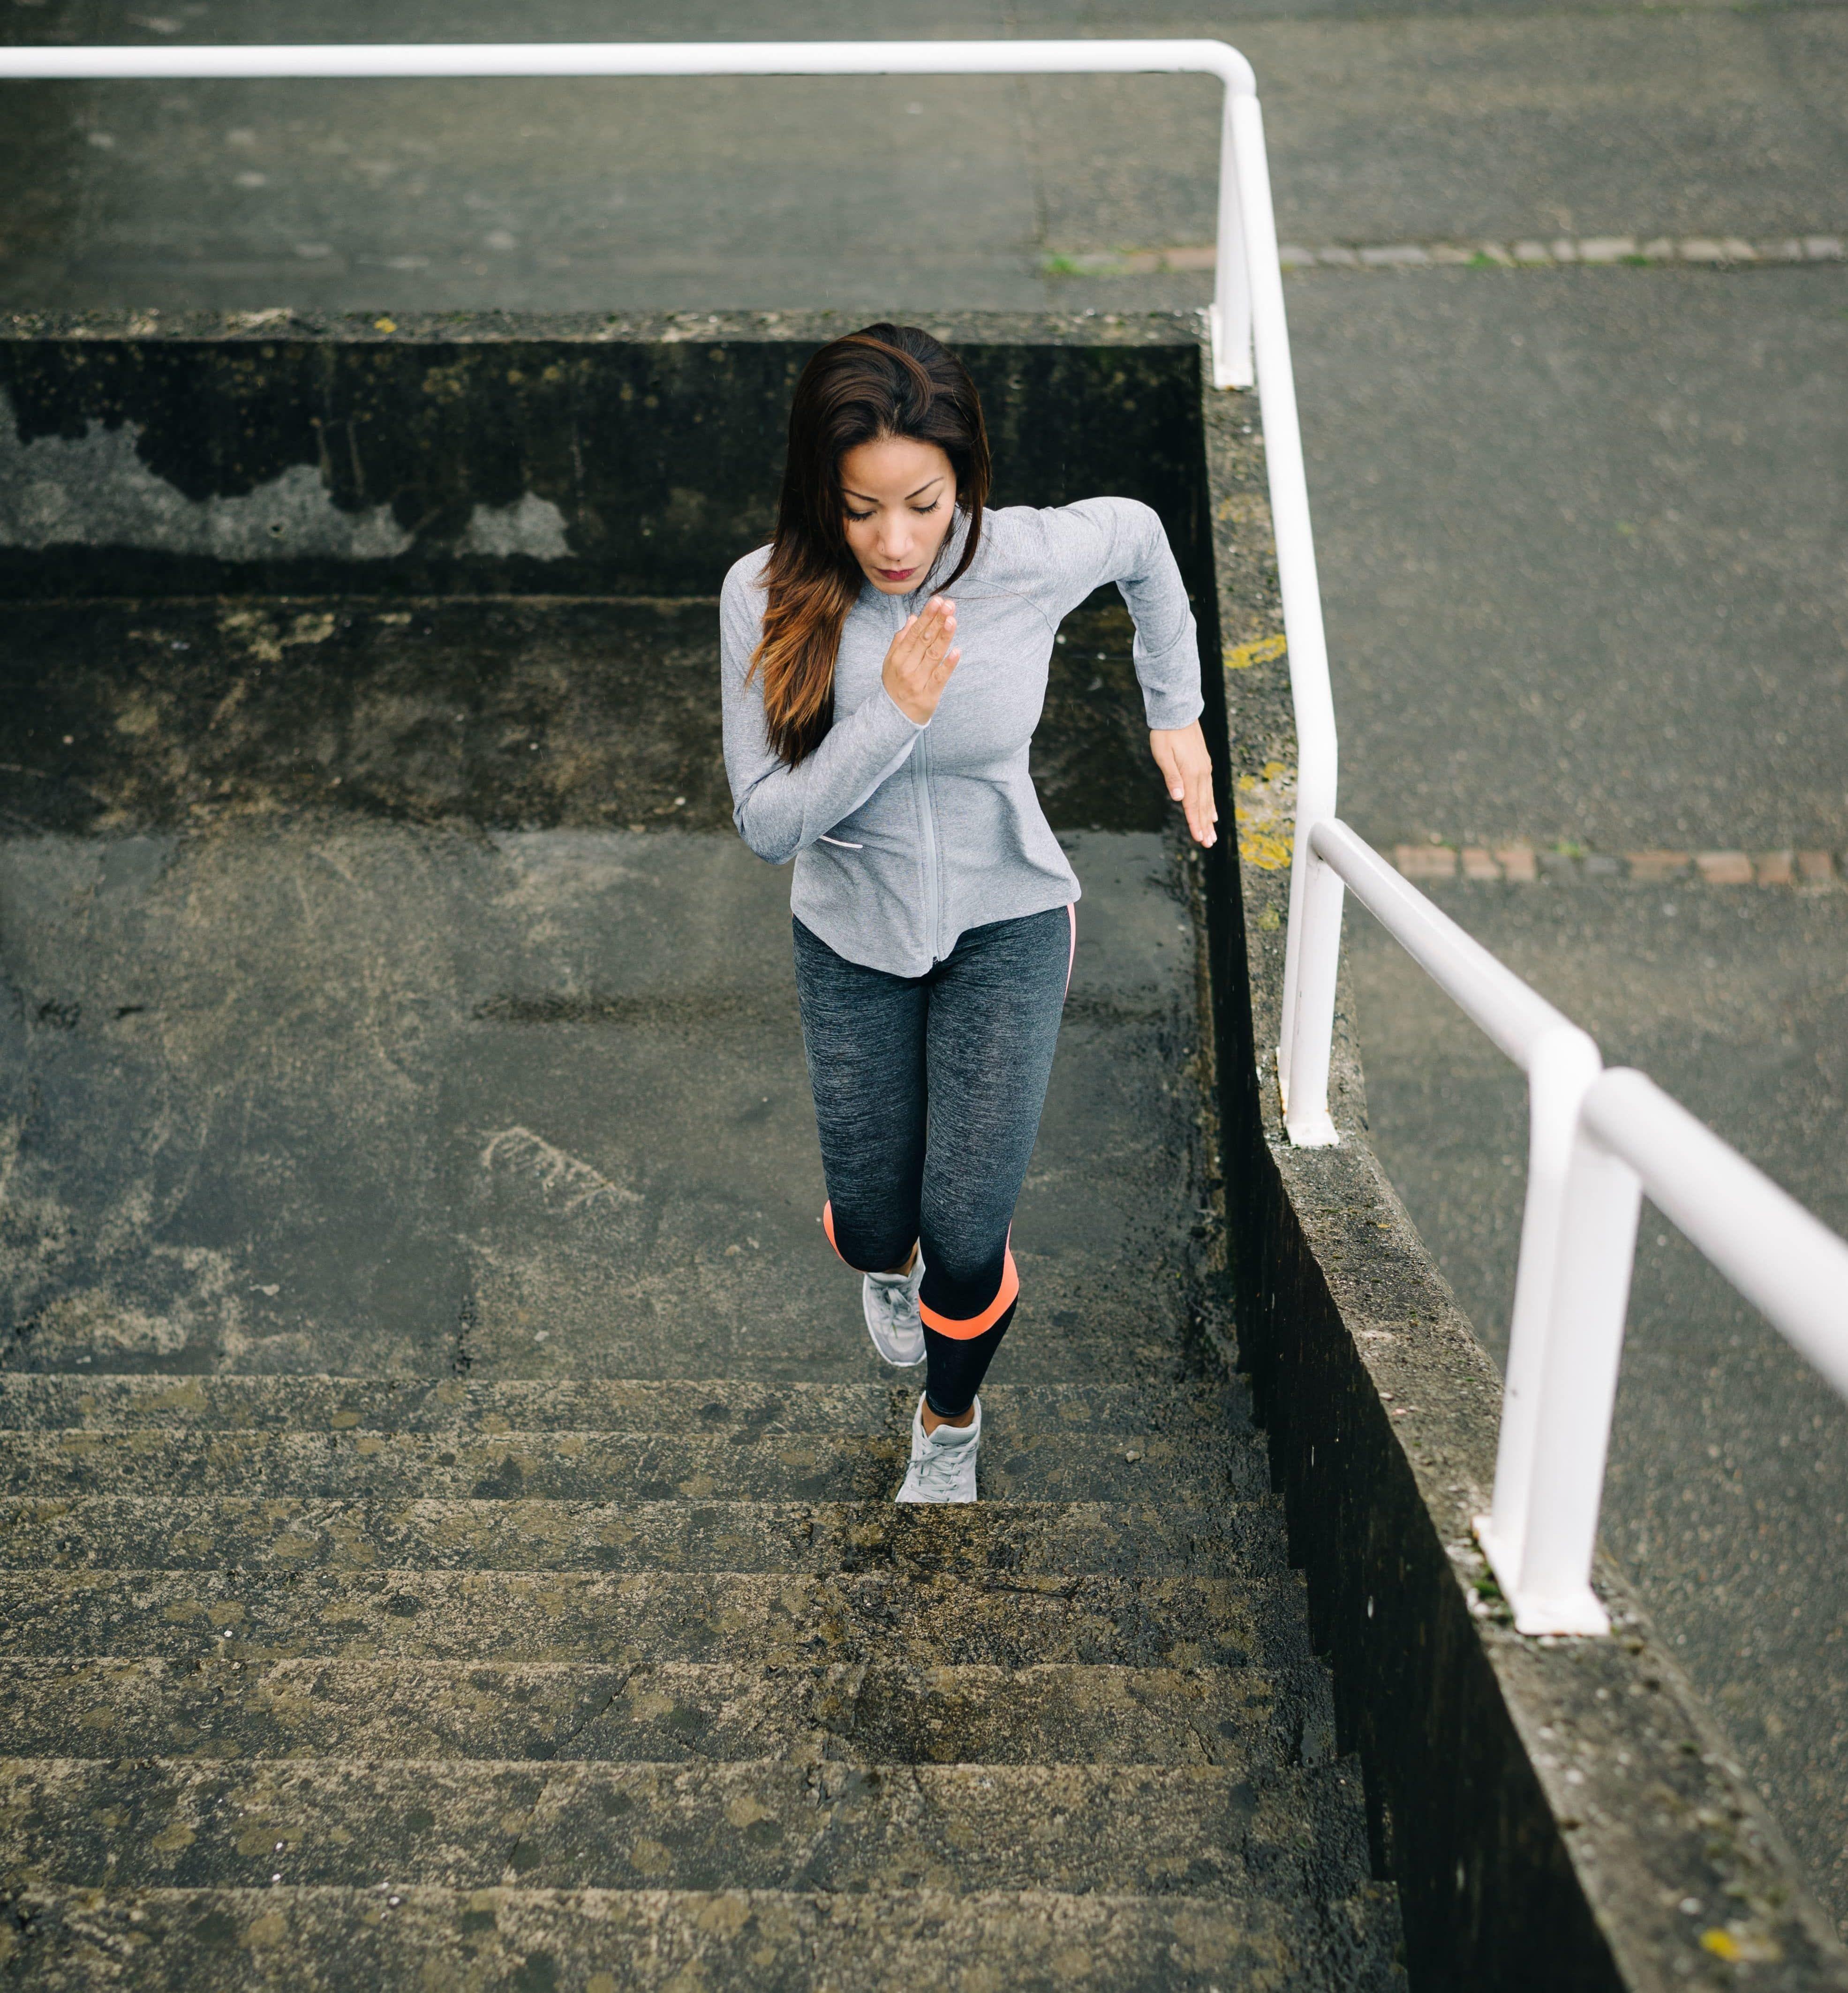 Courir pour maigrir : comment perdre du poids grâce à la